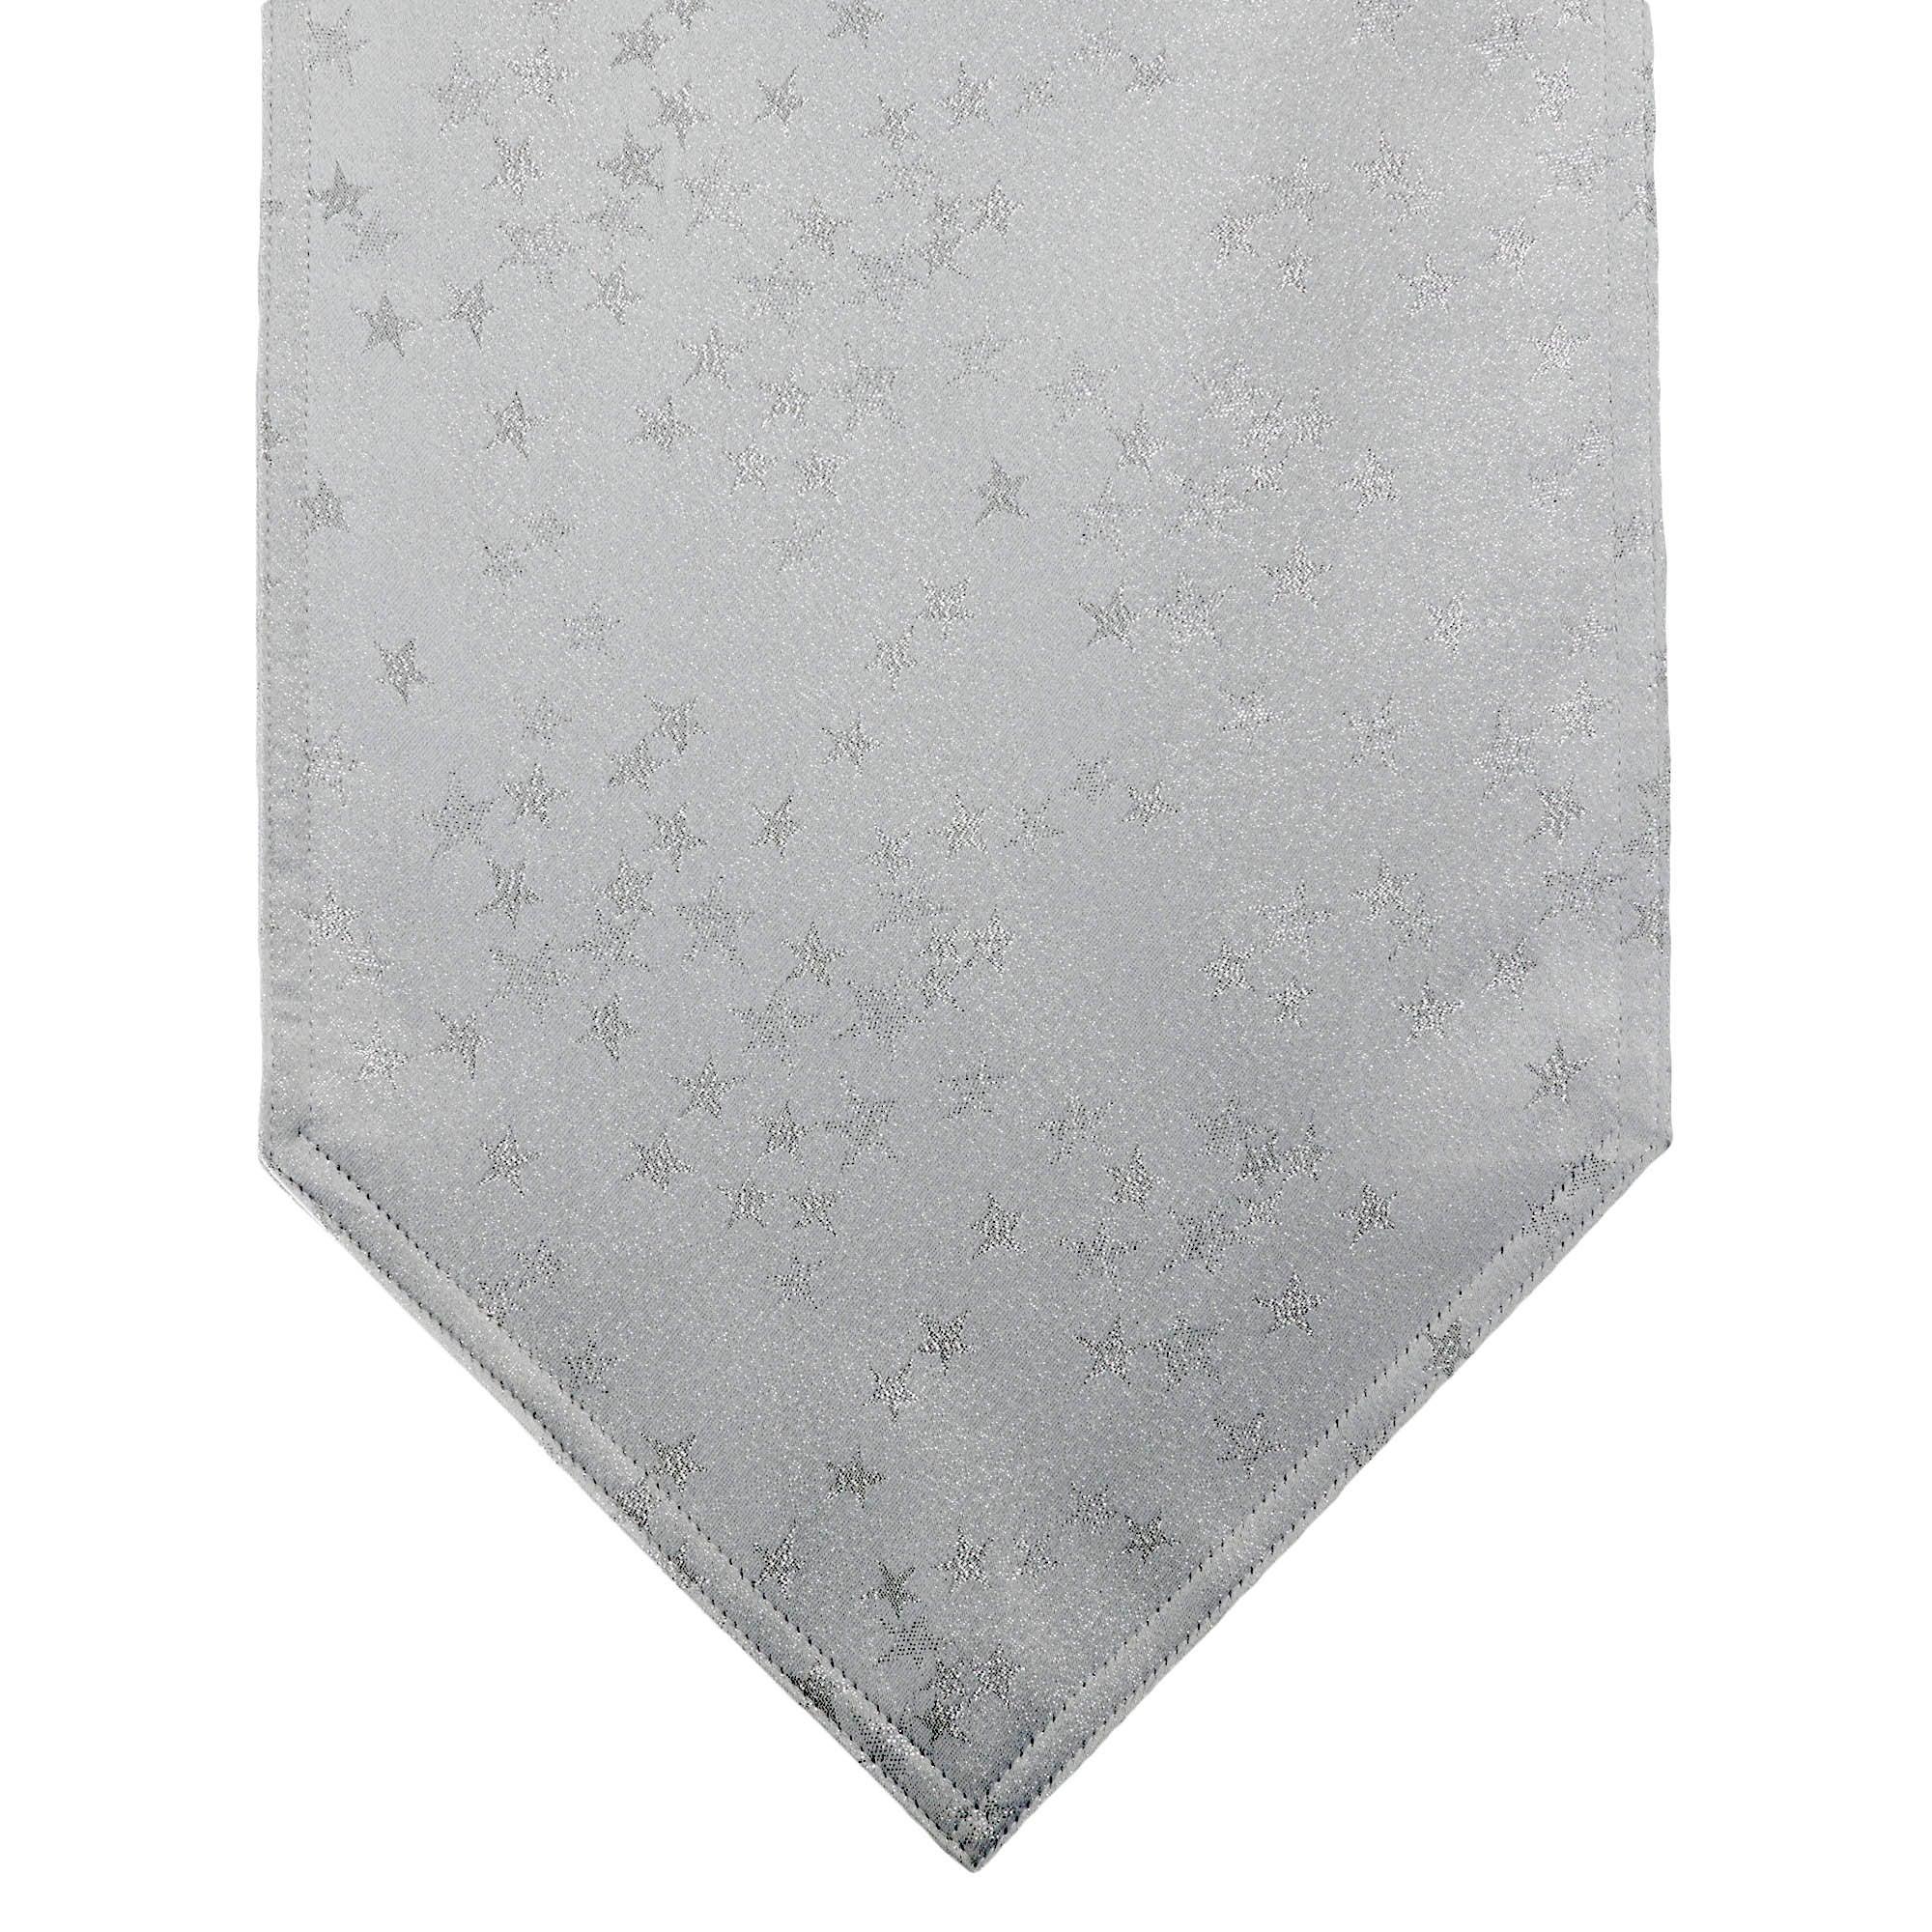 Silver Star Table Runner